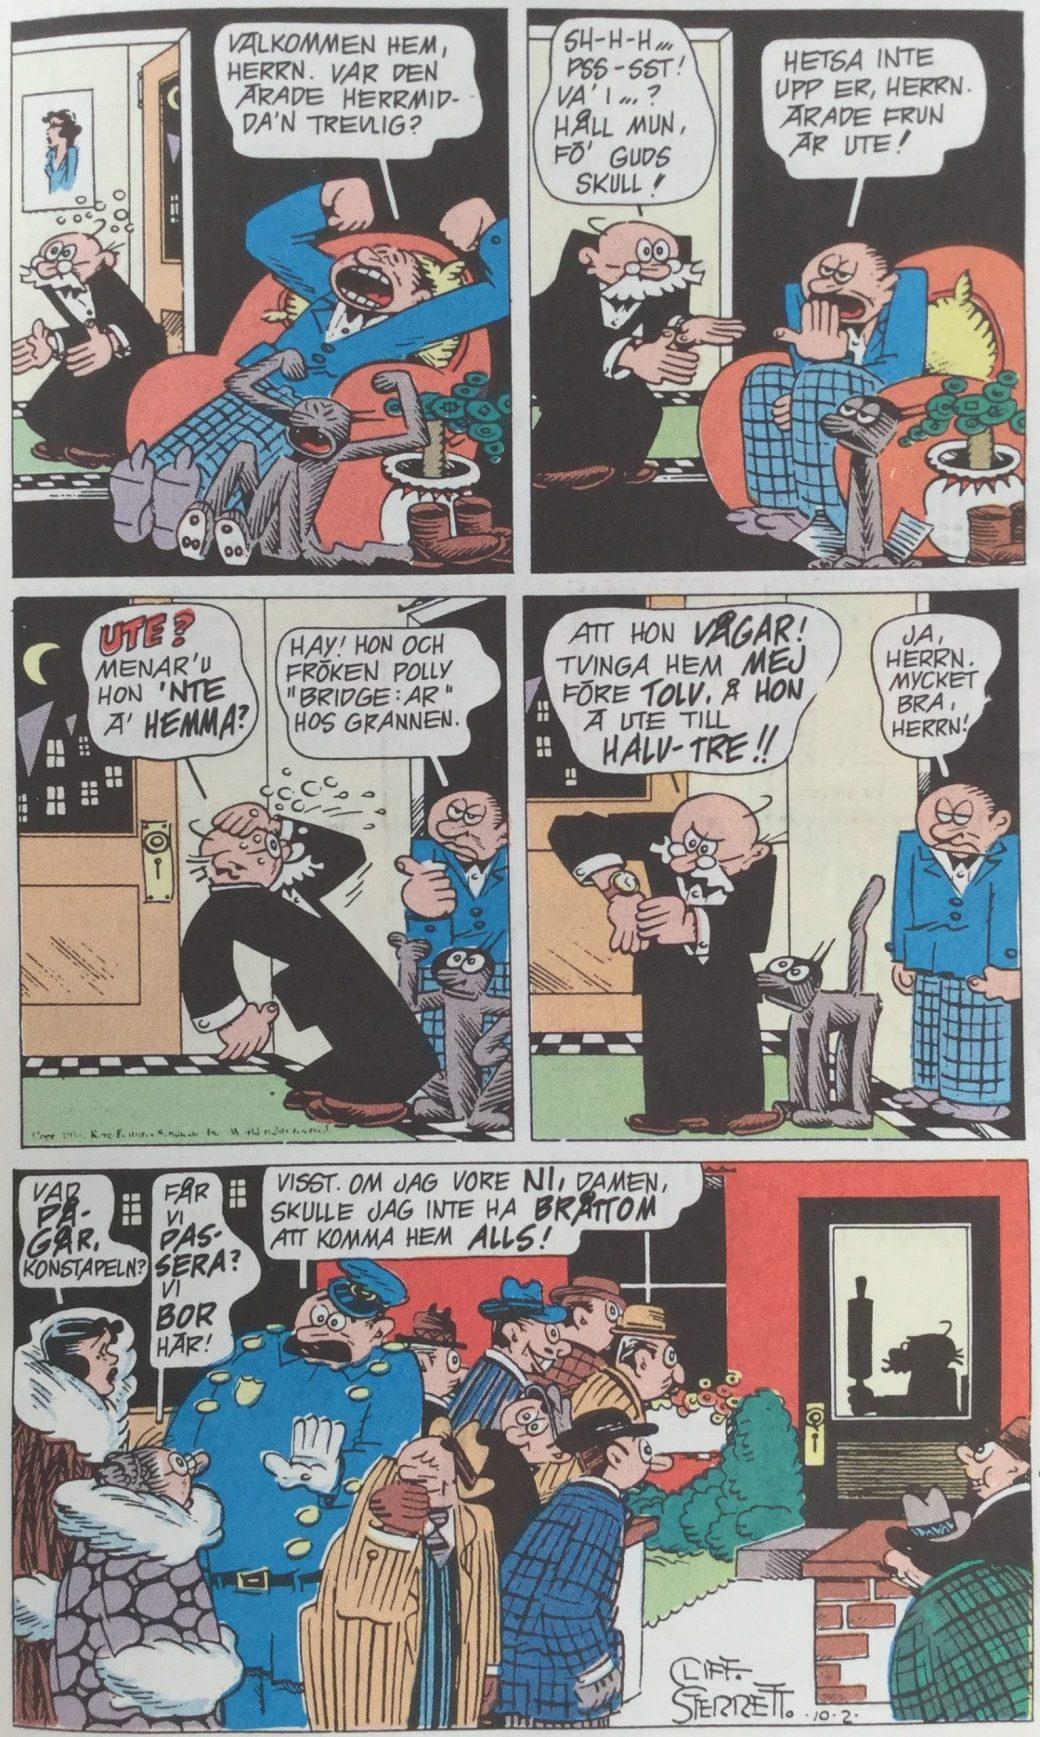 Polly och Pär ur SeriePressen nr 4, 1993 - del 2